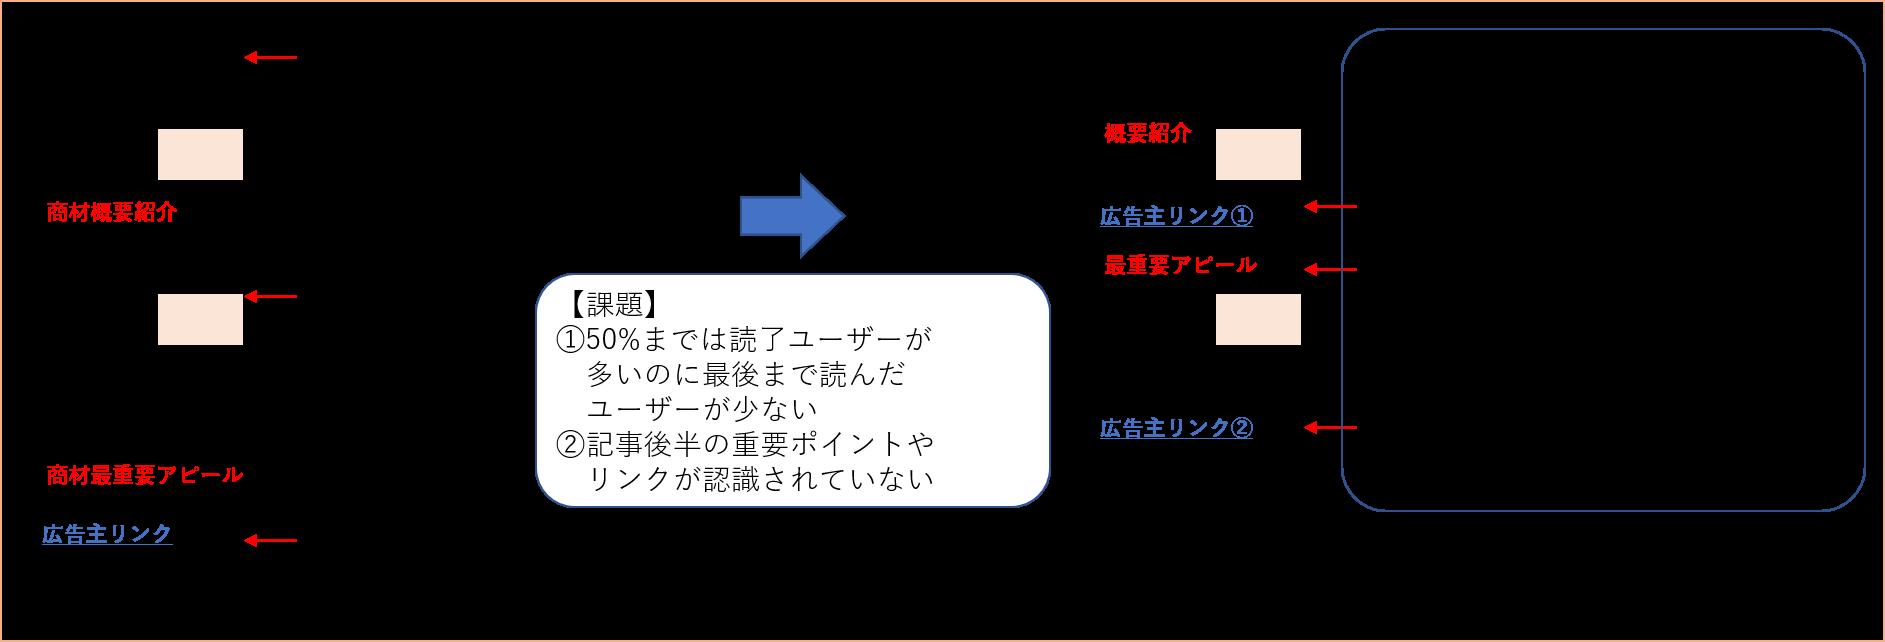 イベント計測データの具体的な活用について